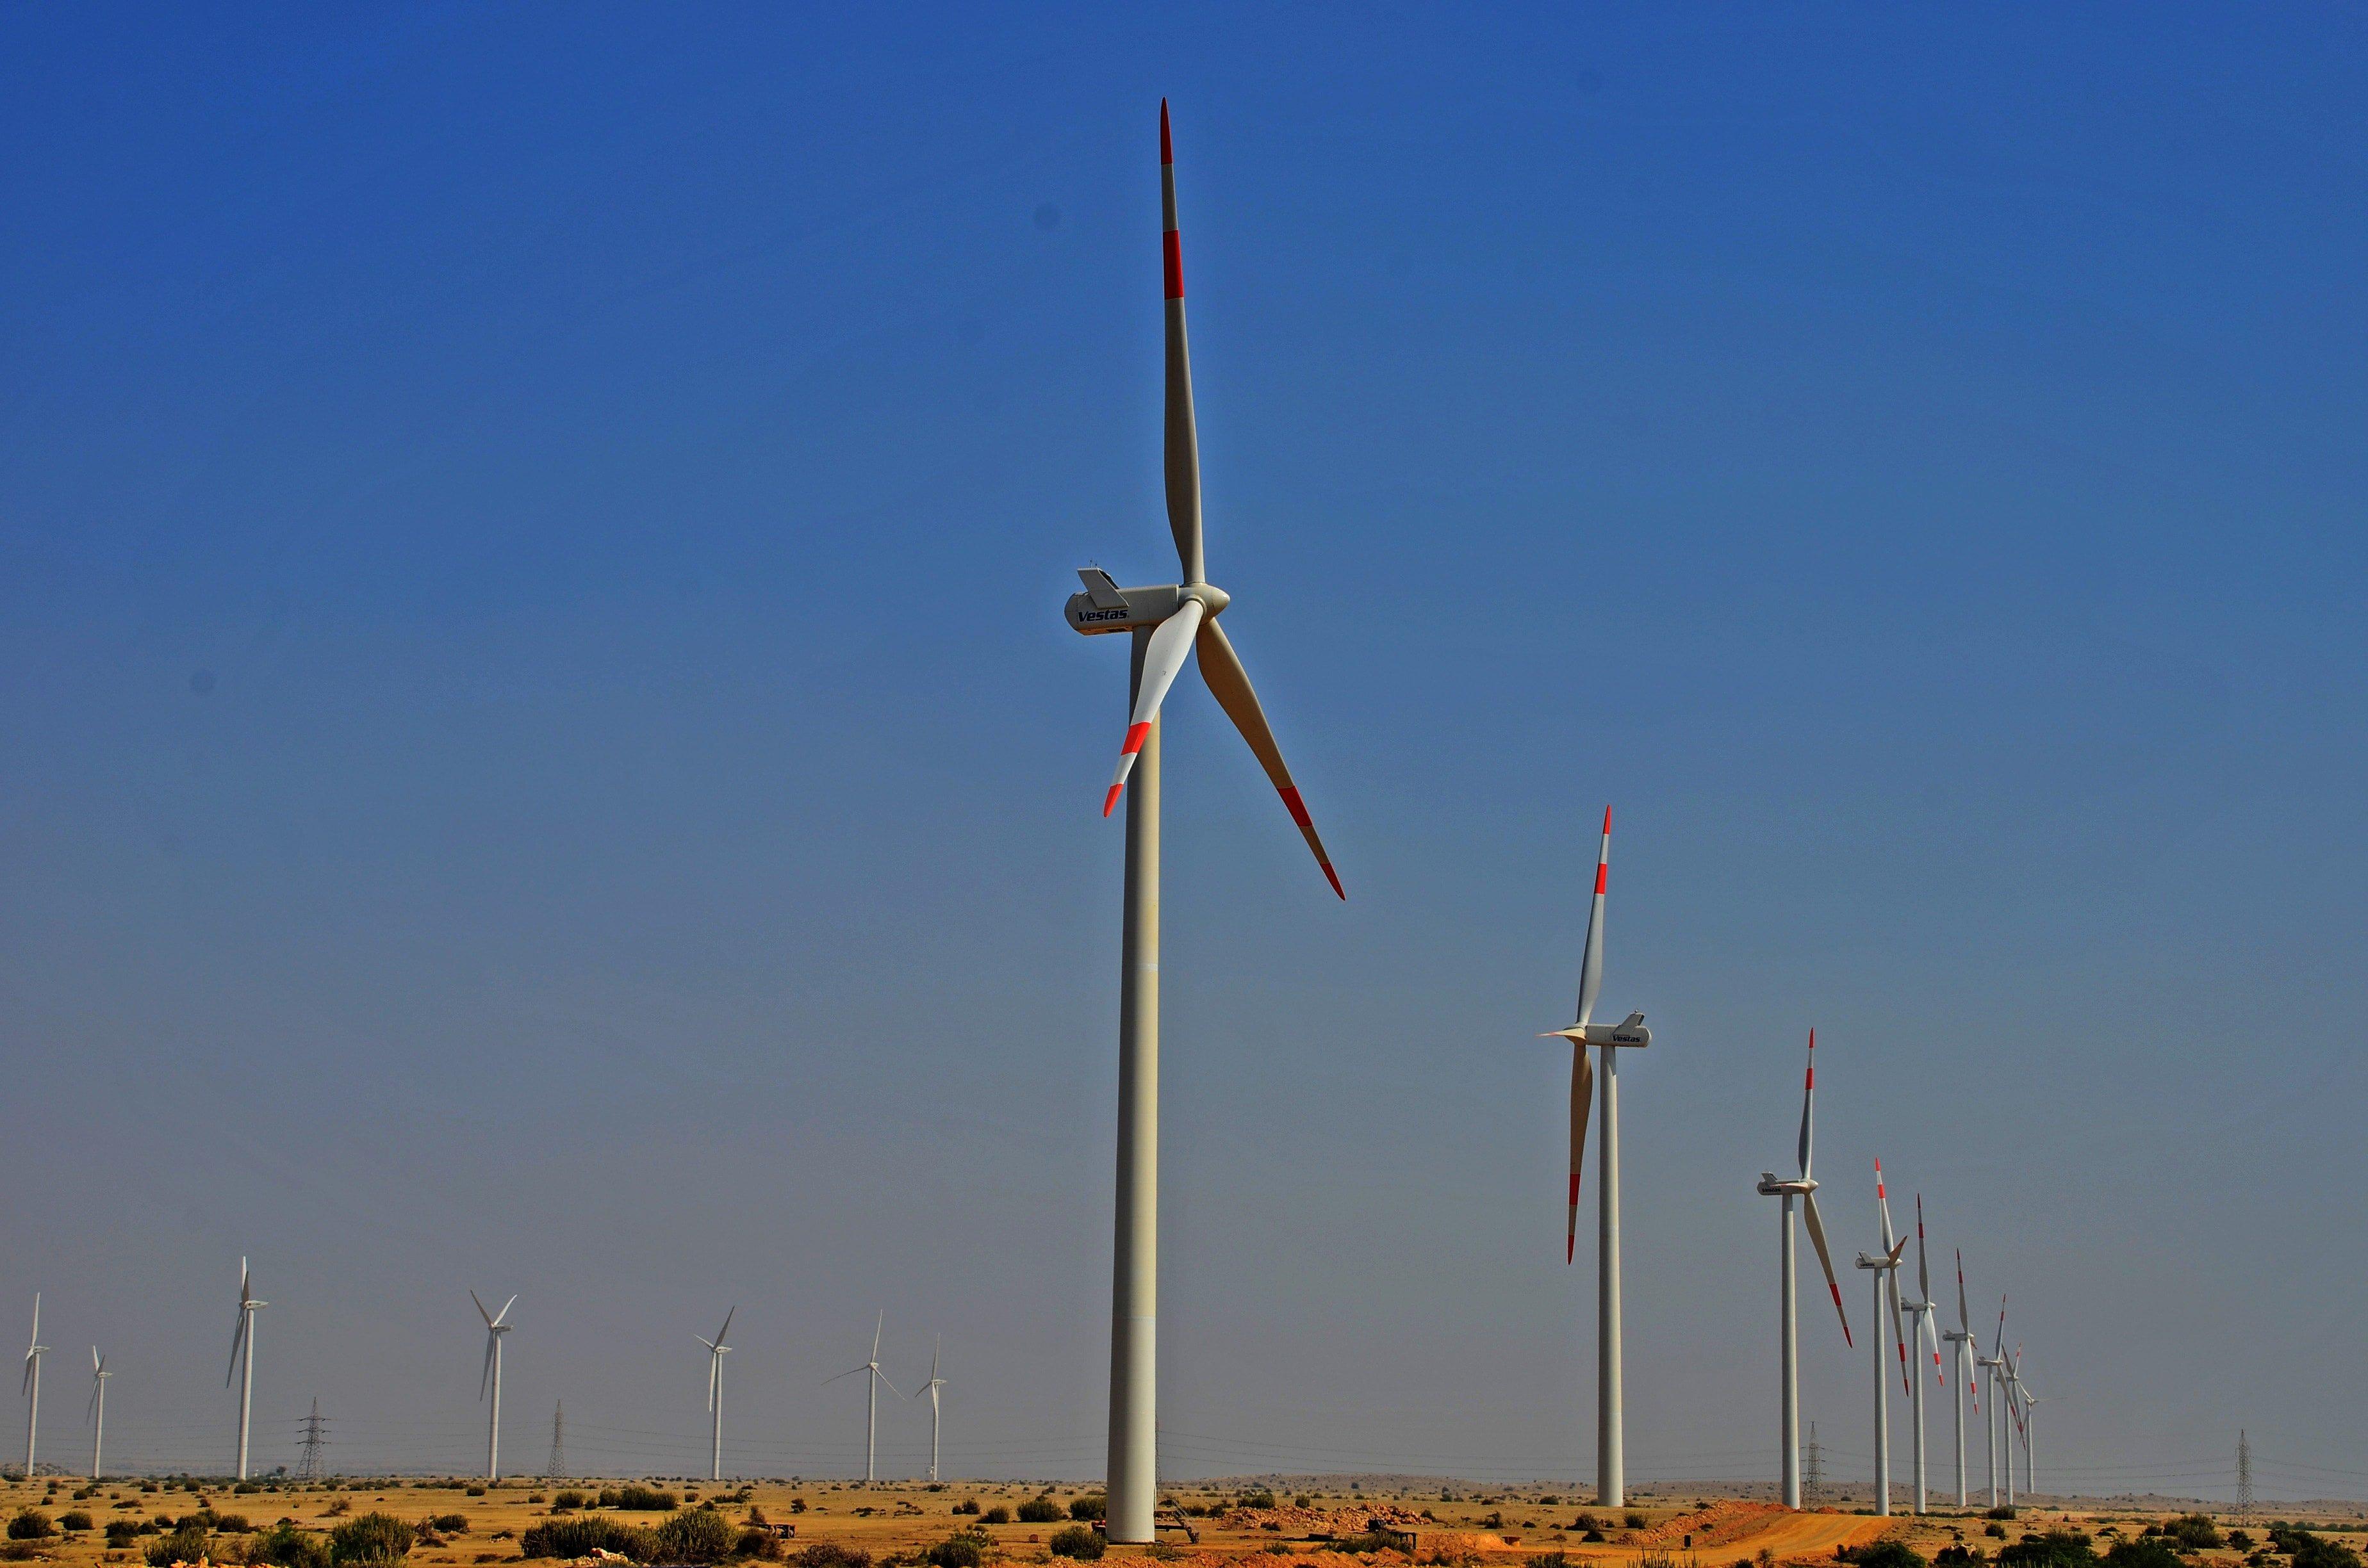 Jhimpir wind farm in Sindh, Pakistan